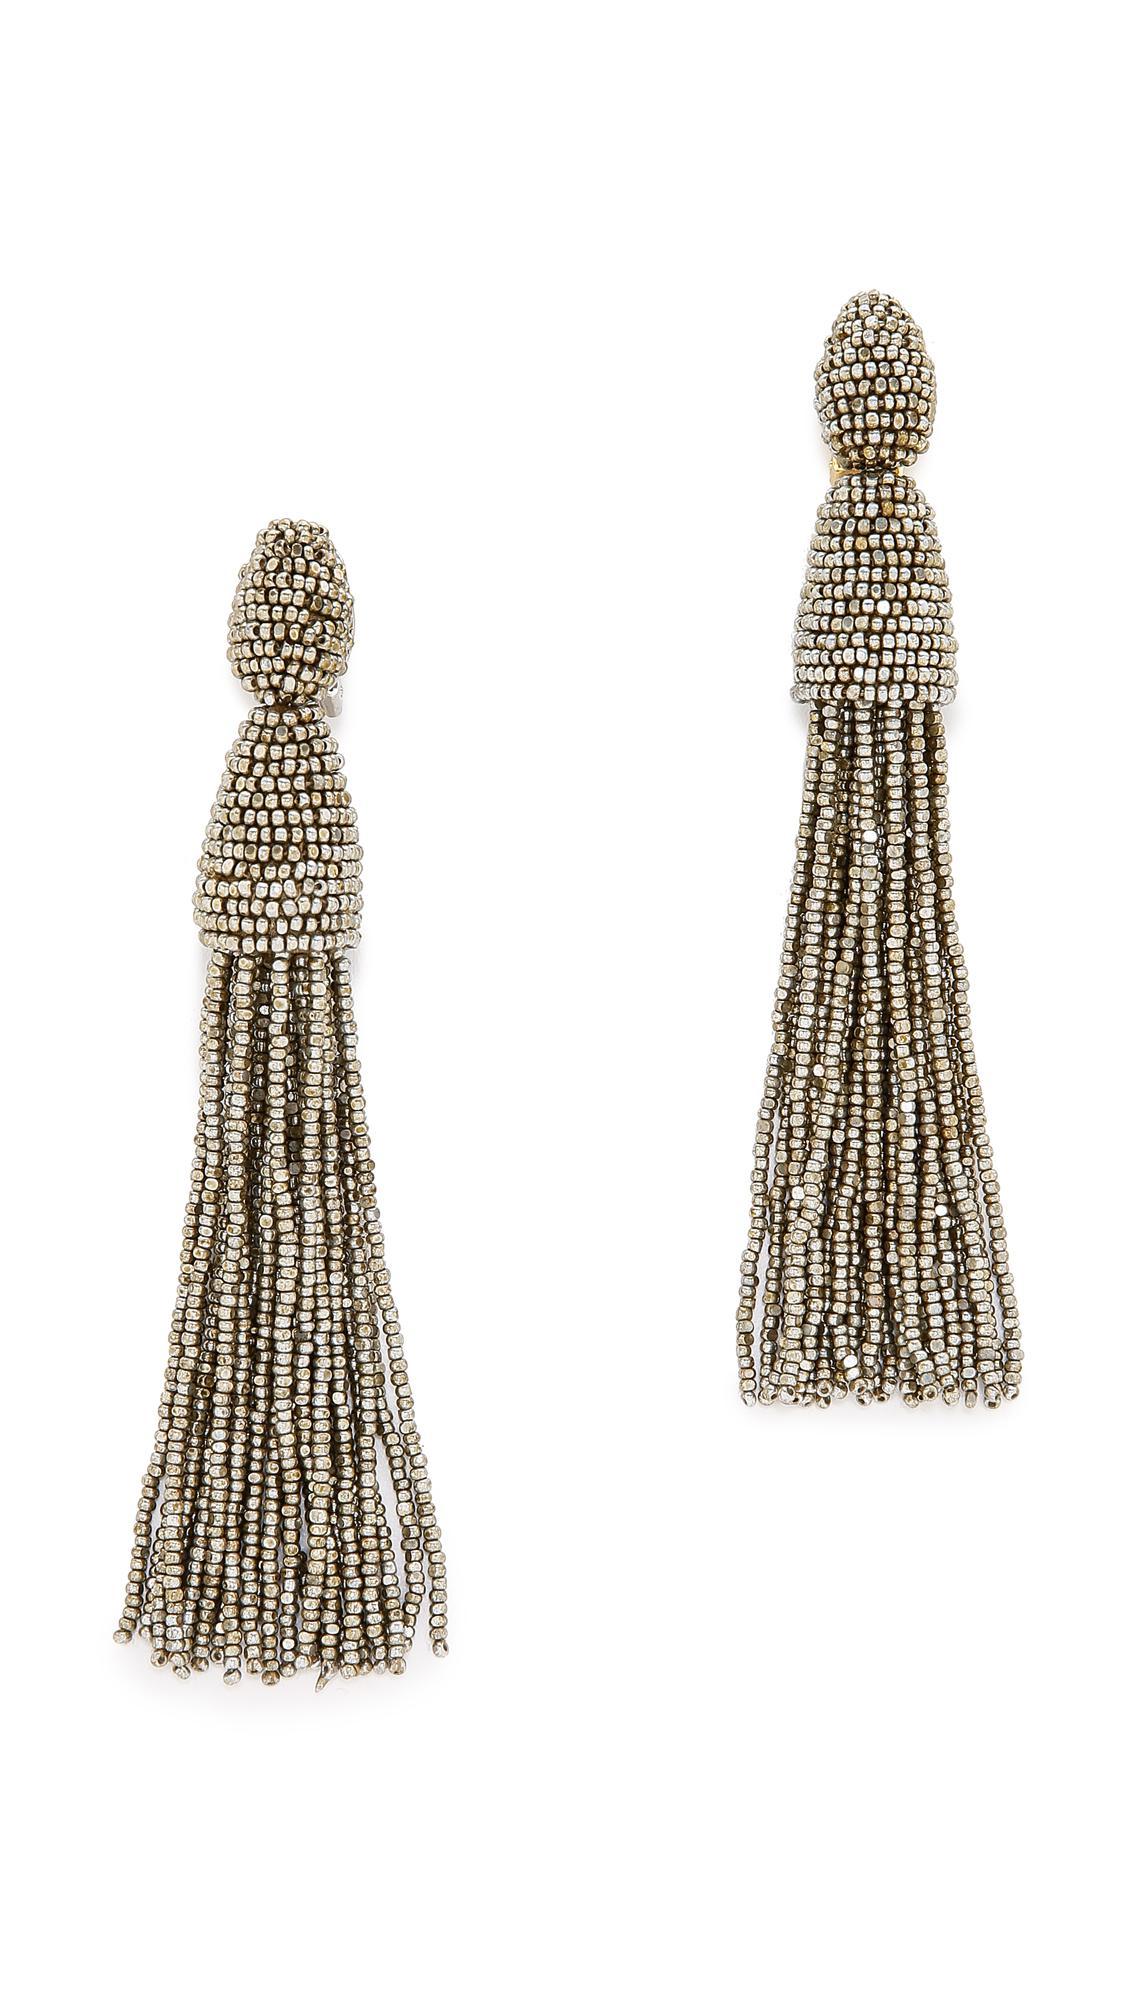 98ce65ff6b098 Lyst - Oscar de la Renta Tassel Earrings in Metallic